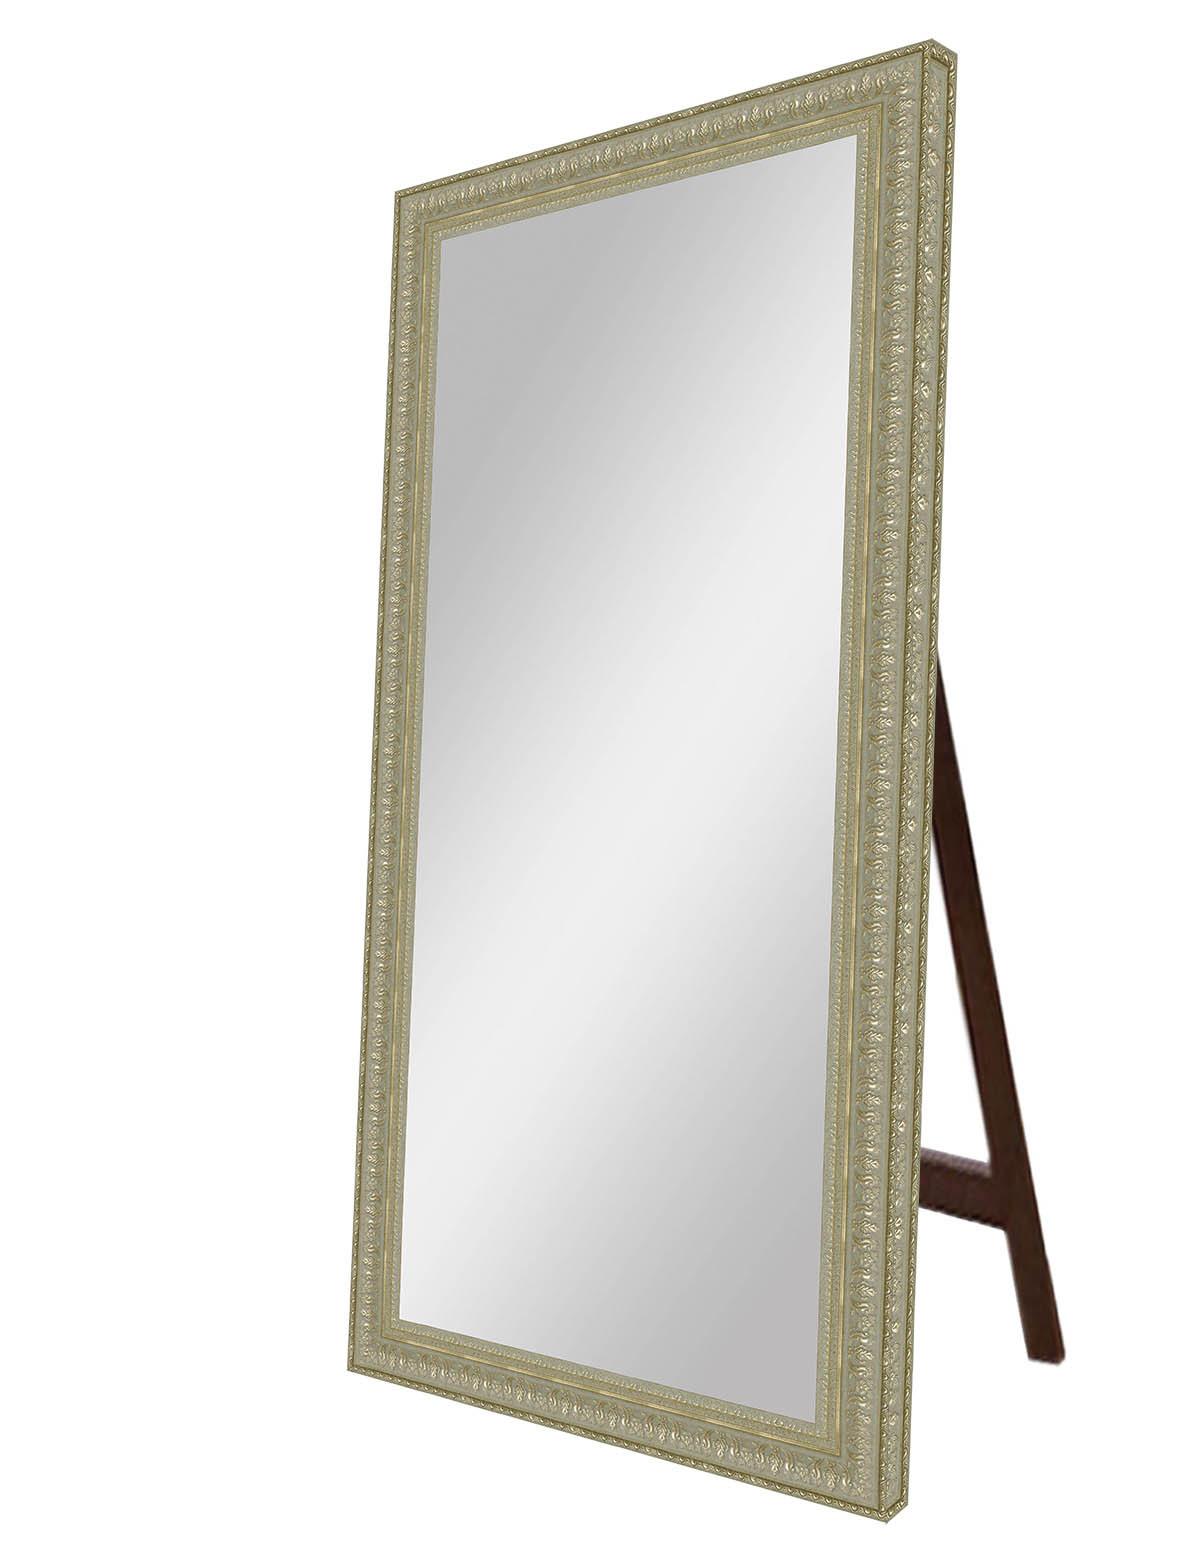 Купить Зеркало напольное Темное венето , inmyroom, Россия